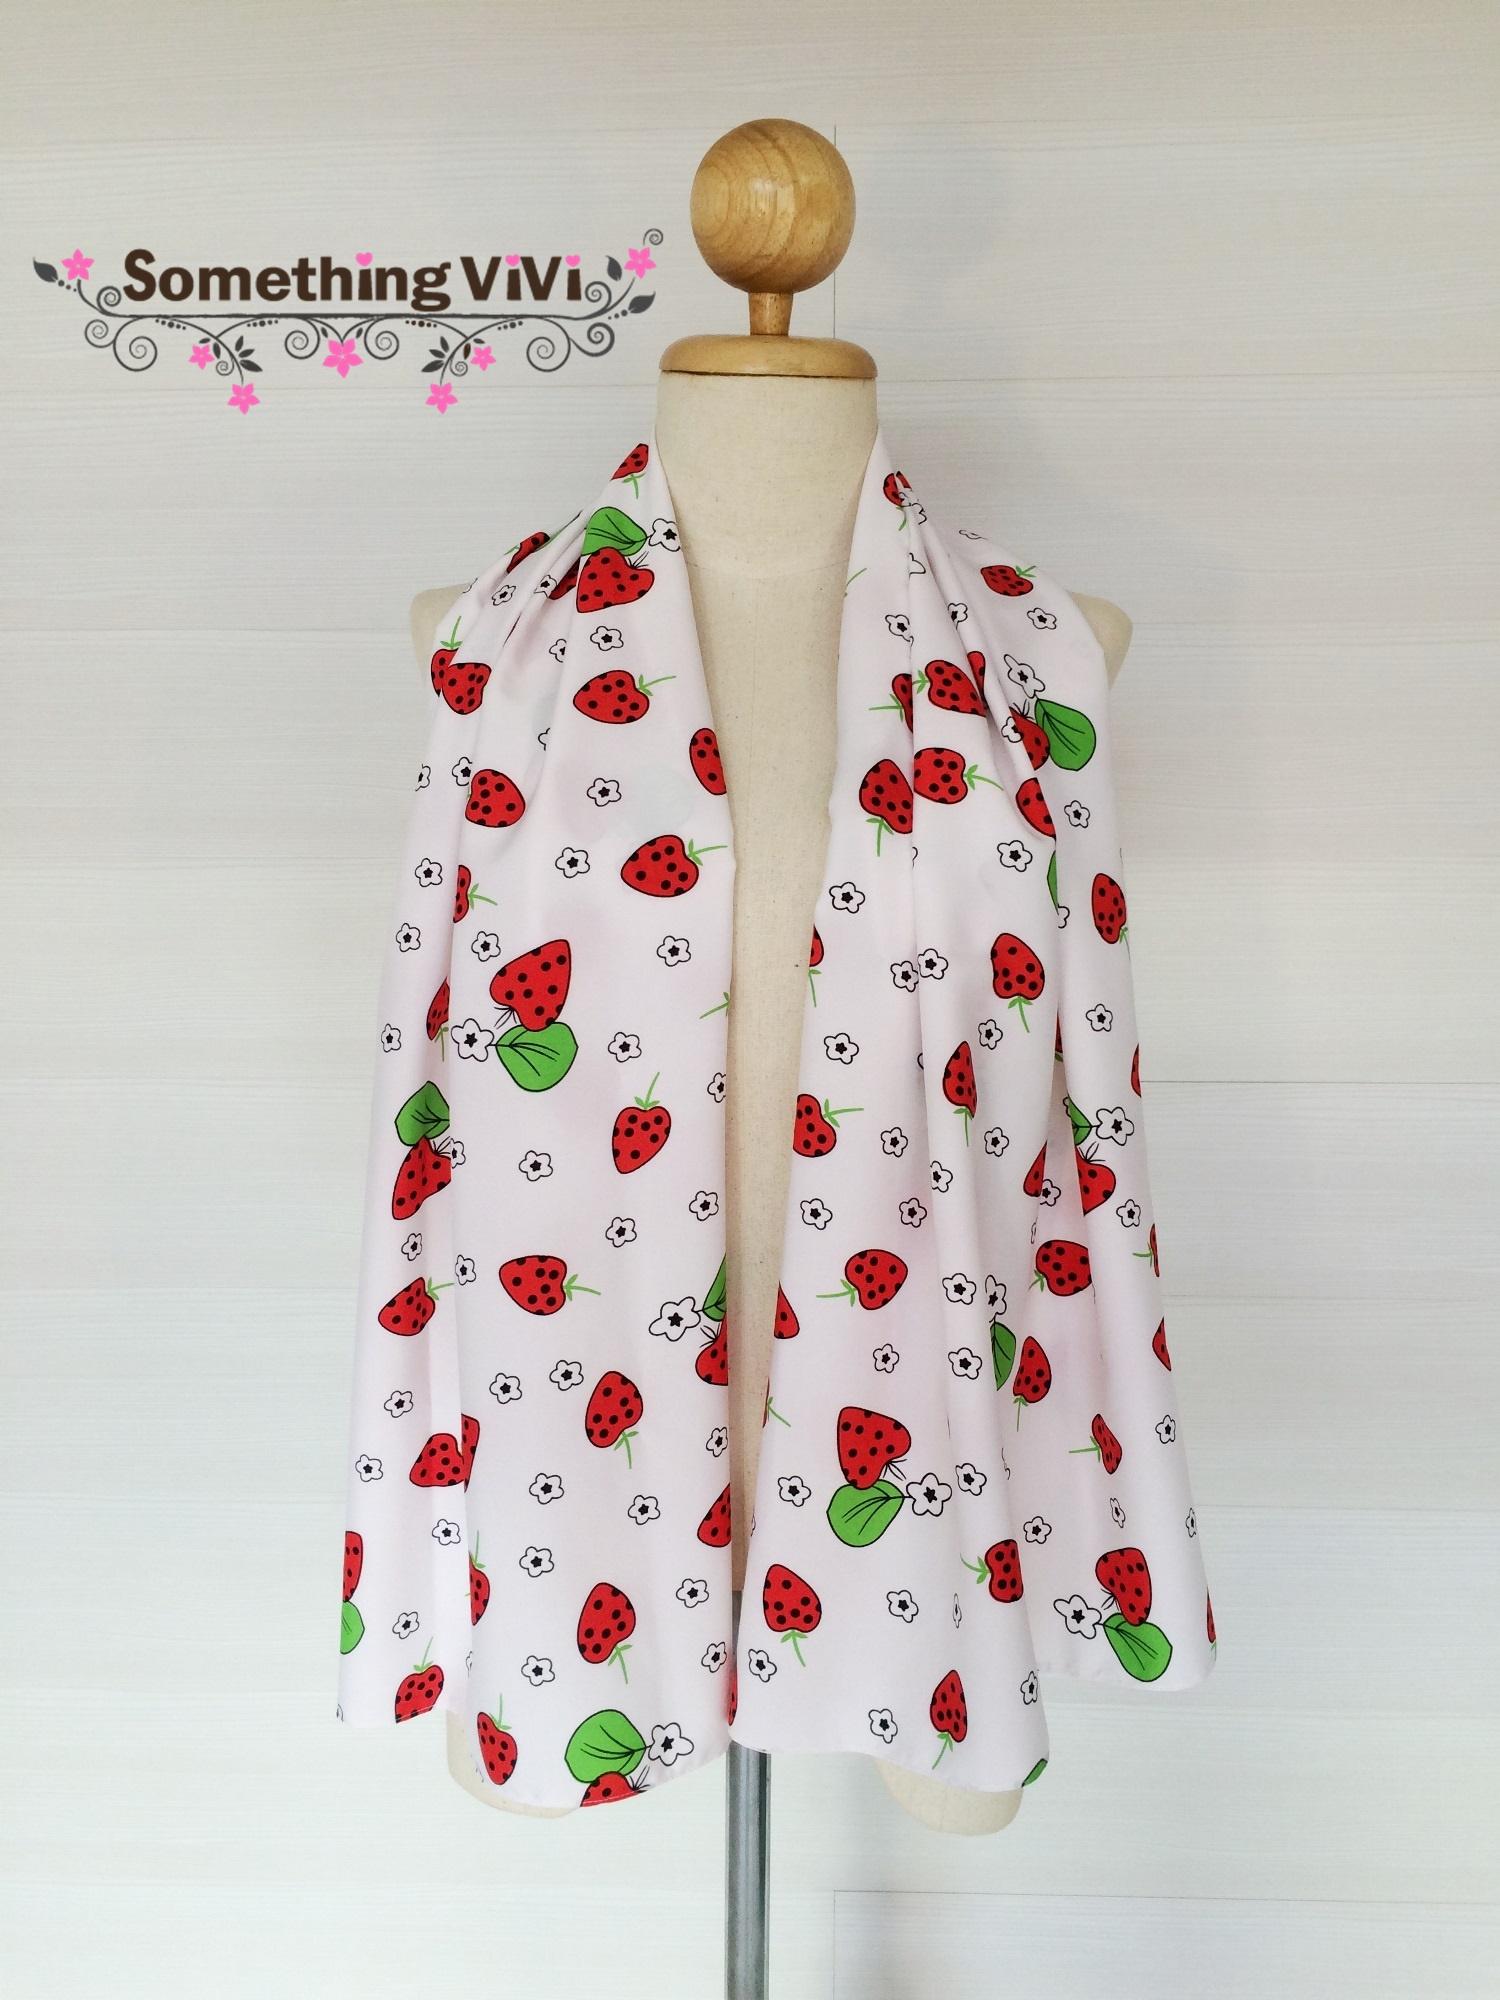 ผ้าพันคอ/ผ้าคลุมไหล่/ผ้าคลุมให้นม รุ่น Strawberry A Pois (Size M) สีตามภาพ ผ้าพันคอสีขาวตัดกับลาย Strawberry อย่างลงตัว มุ้งมิ้งน่ารักไปอีกแบบ สลับกับลายดอกไม้ประปรายทั่วผืนผ้า ลายน่ารักสดใสขนาดนี้อย่าพลาดนะคะ พร้อมกล่อง/ซองแพคเกจอย่างดี ของขวัญ/ของฝาก